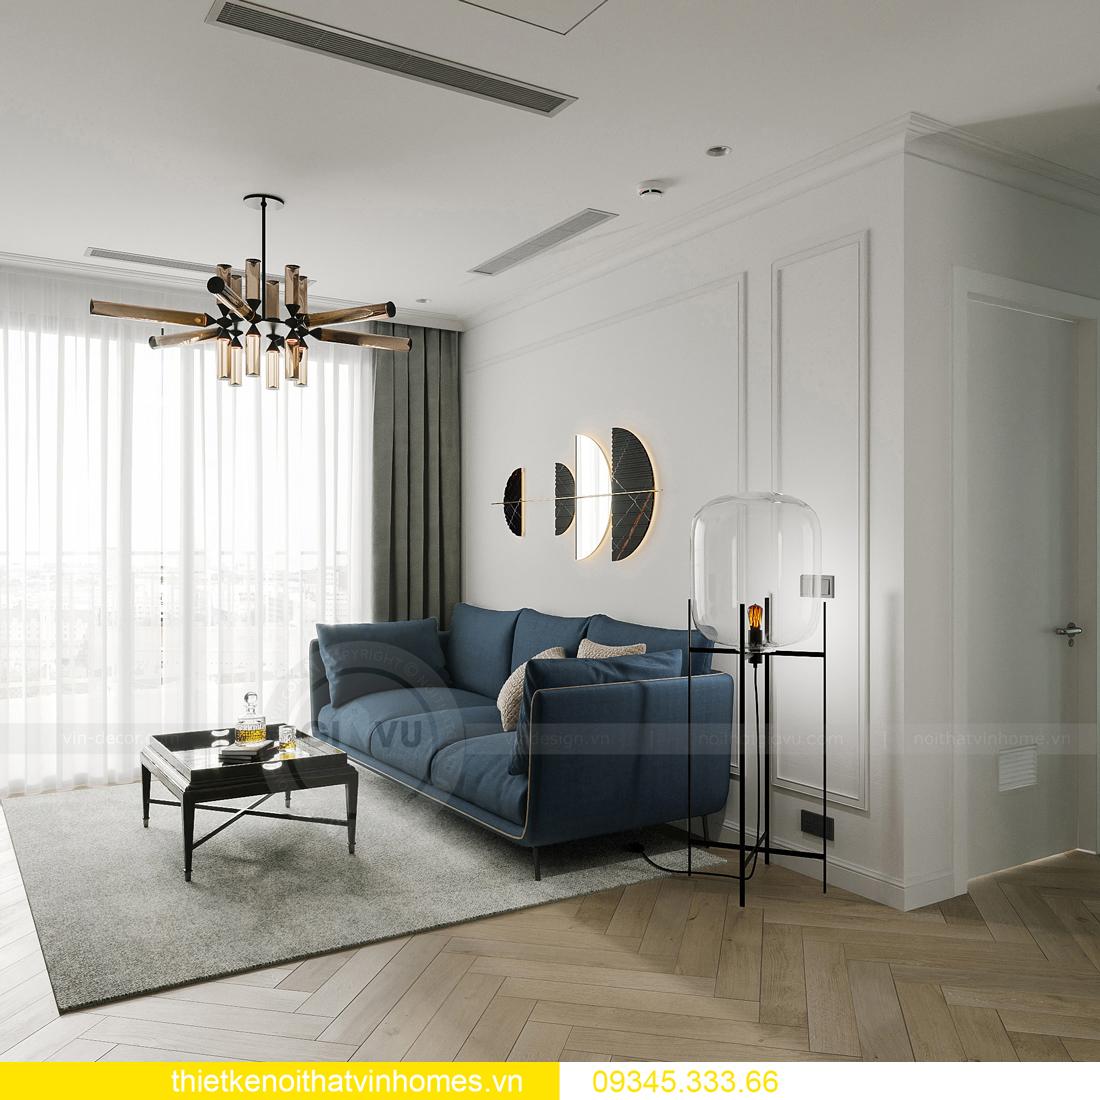 mẫu thiết kế nội thất chung cư Smart City tòa S201 căn 17 7